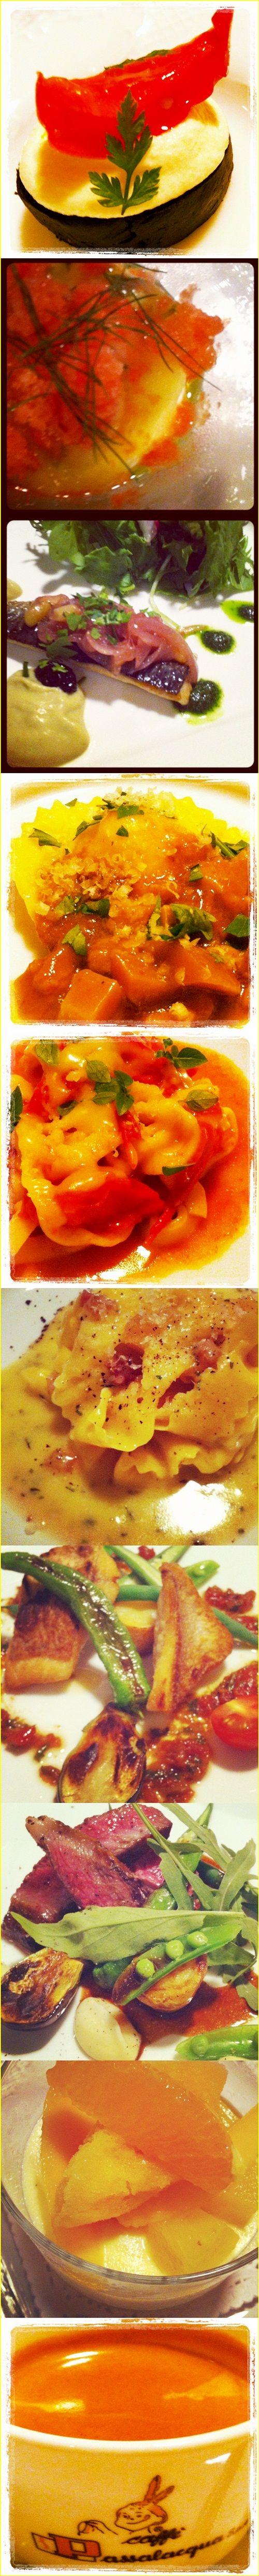 """シェフのおまかせコース  ・イカ墨のクロスティーニ、トマトのコンフィとクリーミーなリコッタチーズのせ    ◆Antipasto freddo 冷たい前菜◆    ・じゃがいものパンナコッタ、グレープフルーツのジュレと赤海老のタルタル添え 、完熟トマトのグラニテのアクセント    ◆Antipasto caldo 温かい前菜◆    ・真鰯の温製スカペーチェ、こだわり茄子のピュレ添え サラダ仕立て    ◆Primo piatto 1皿目のひとくちパスタ◆    ・ヴェネト産白ポレンタを詰めたラビオリ、サマーポルチーニのラグーソース    ・ バヴェッティーニ (やや平たいロングパスタ)    シシリアンルージュトマトとジェノヴァペーストのソース    ・パッパルデッレ (卵黄を練りこんだ幅広平打ちのロングパスタ)    グアンチャーレとローズマリーの香り """" カチョ エ ペペ """"  ・本日の鮮魚の鉄板焼 ドライトマトとアンチョビの潮オイルソース  ・本日のお肉料理  ◆dolce デザート◆  ・バニラのムースとパイナップルのコンポート、マンゴーとオレンジのソルベ添え"""